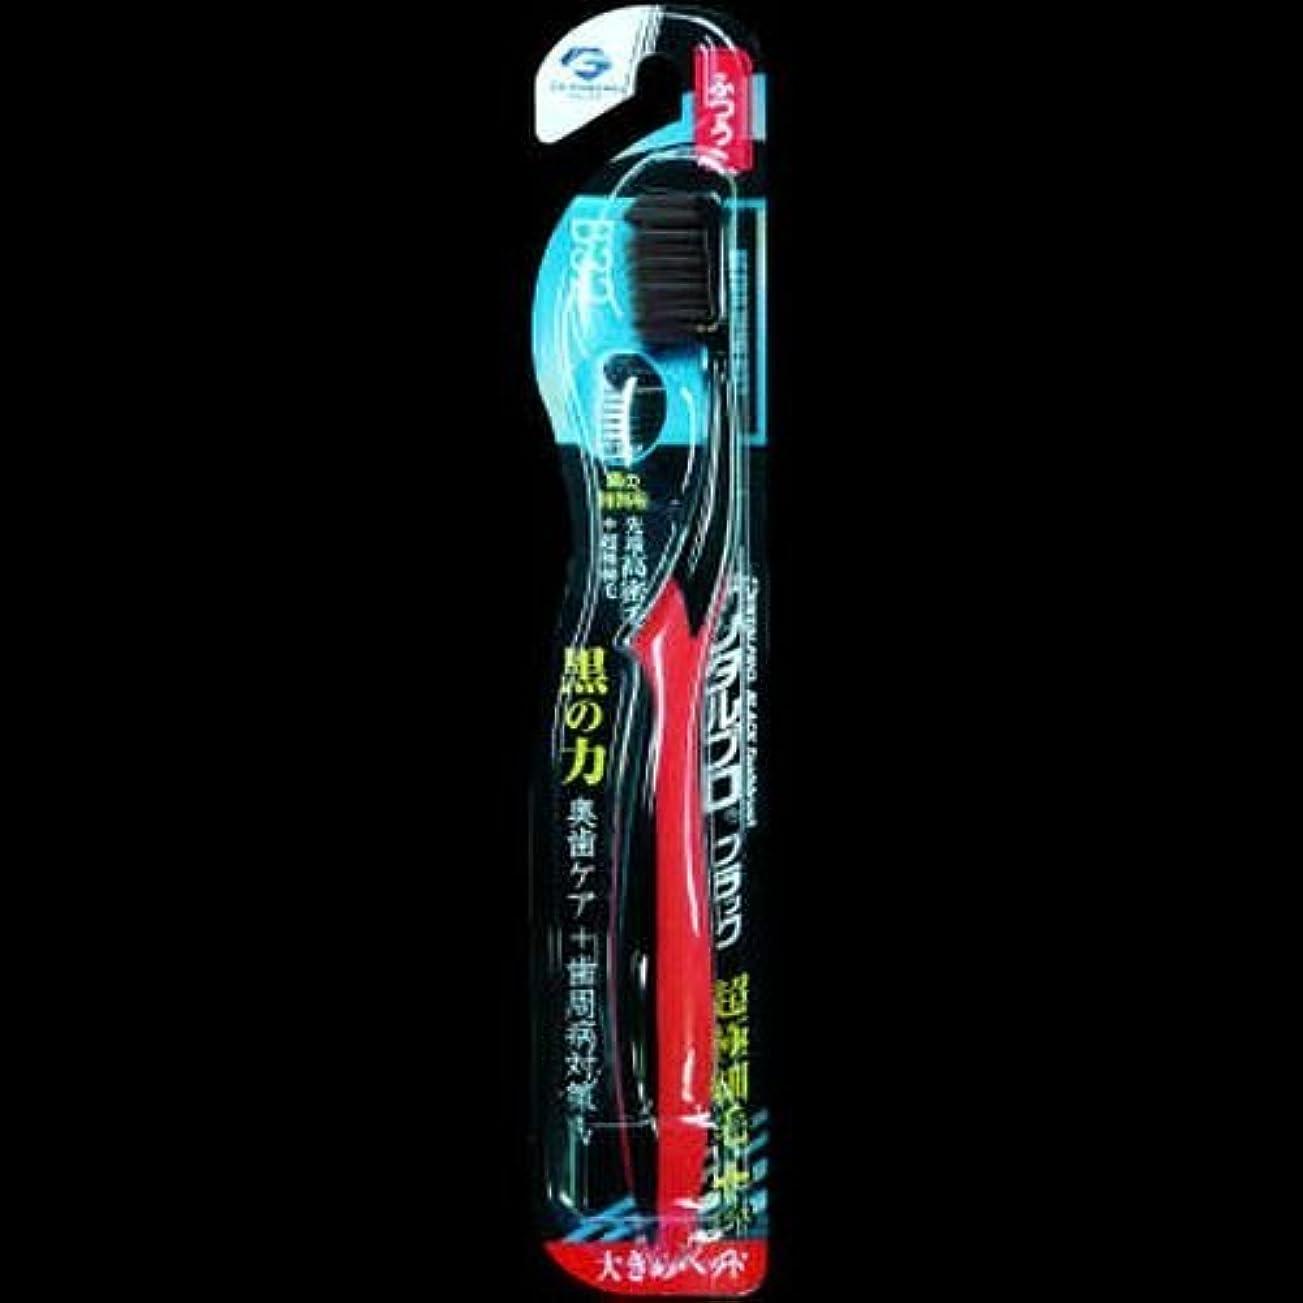 まもなく安いです必要とするデンタルプロ ブラック歯ブラシ 超極細毛プラス大きめヘッド ふつう ×2セット